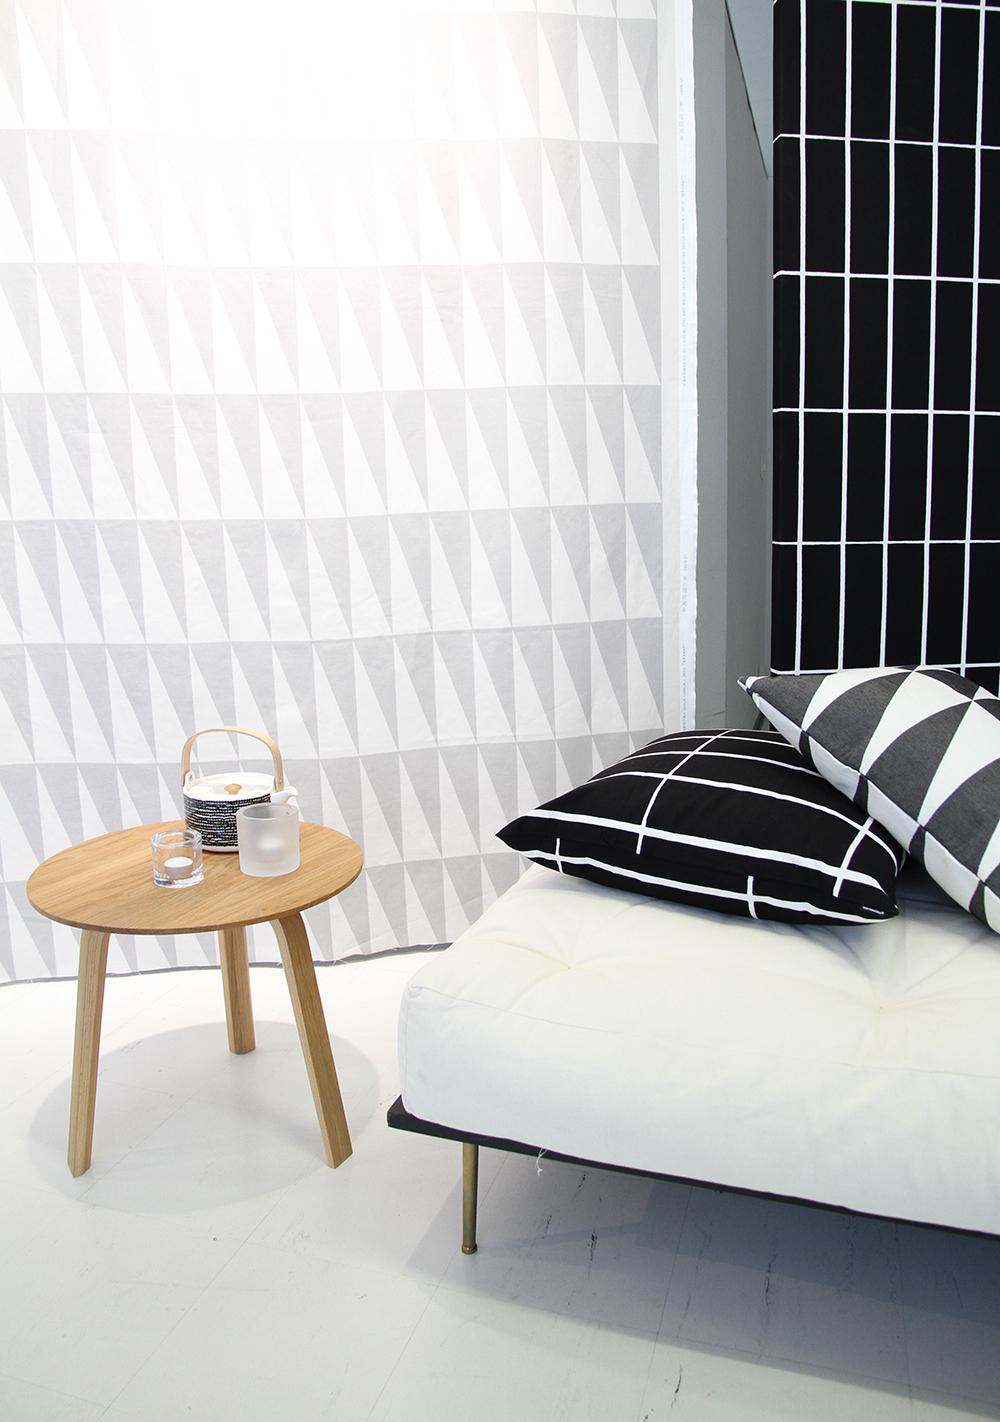 1000+ images about Interior on Pinterest  Marimekko